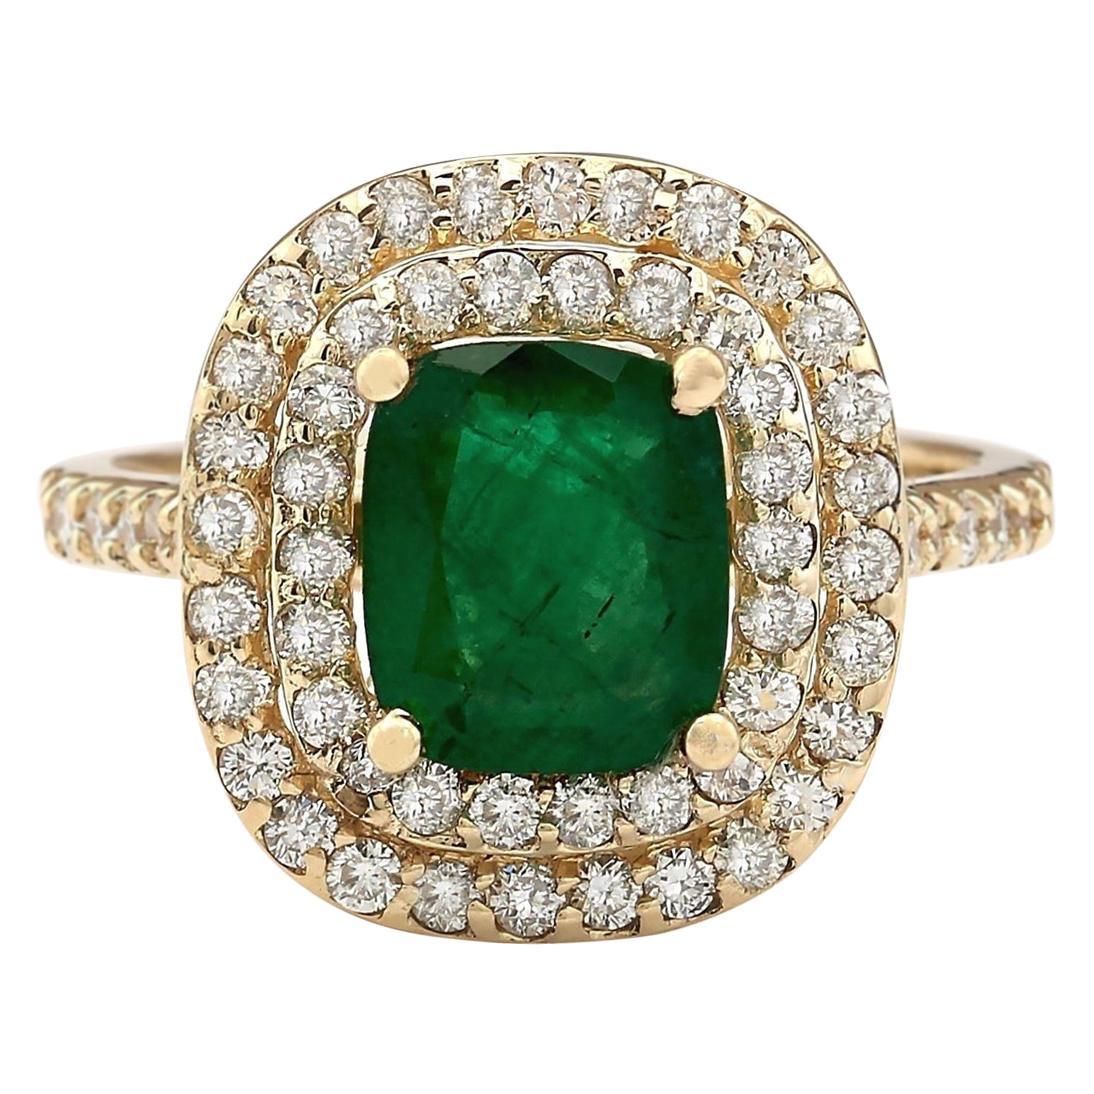 2.88 Carat Natural Emerald 18 Karat Yellow Gold Diamond Ring